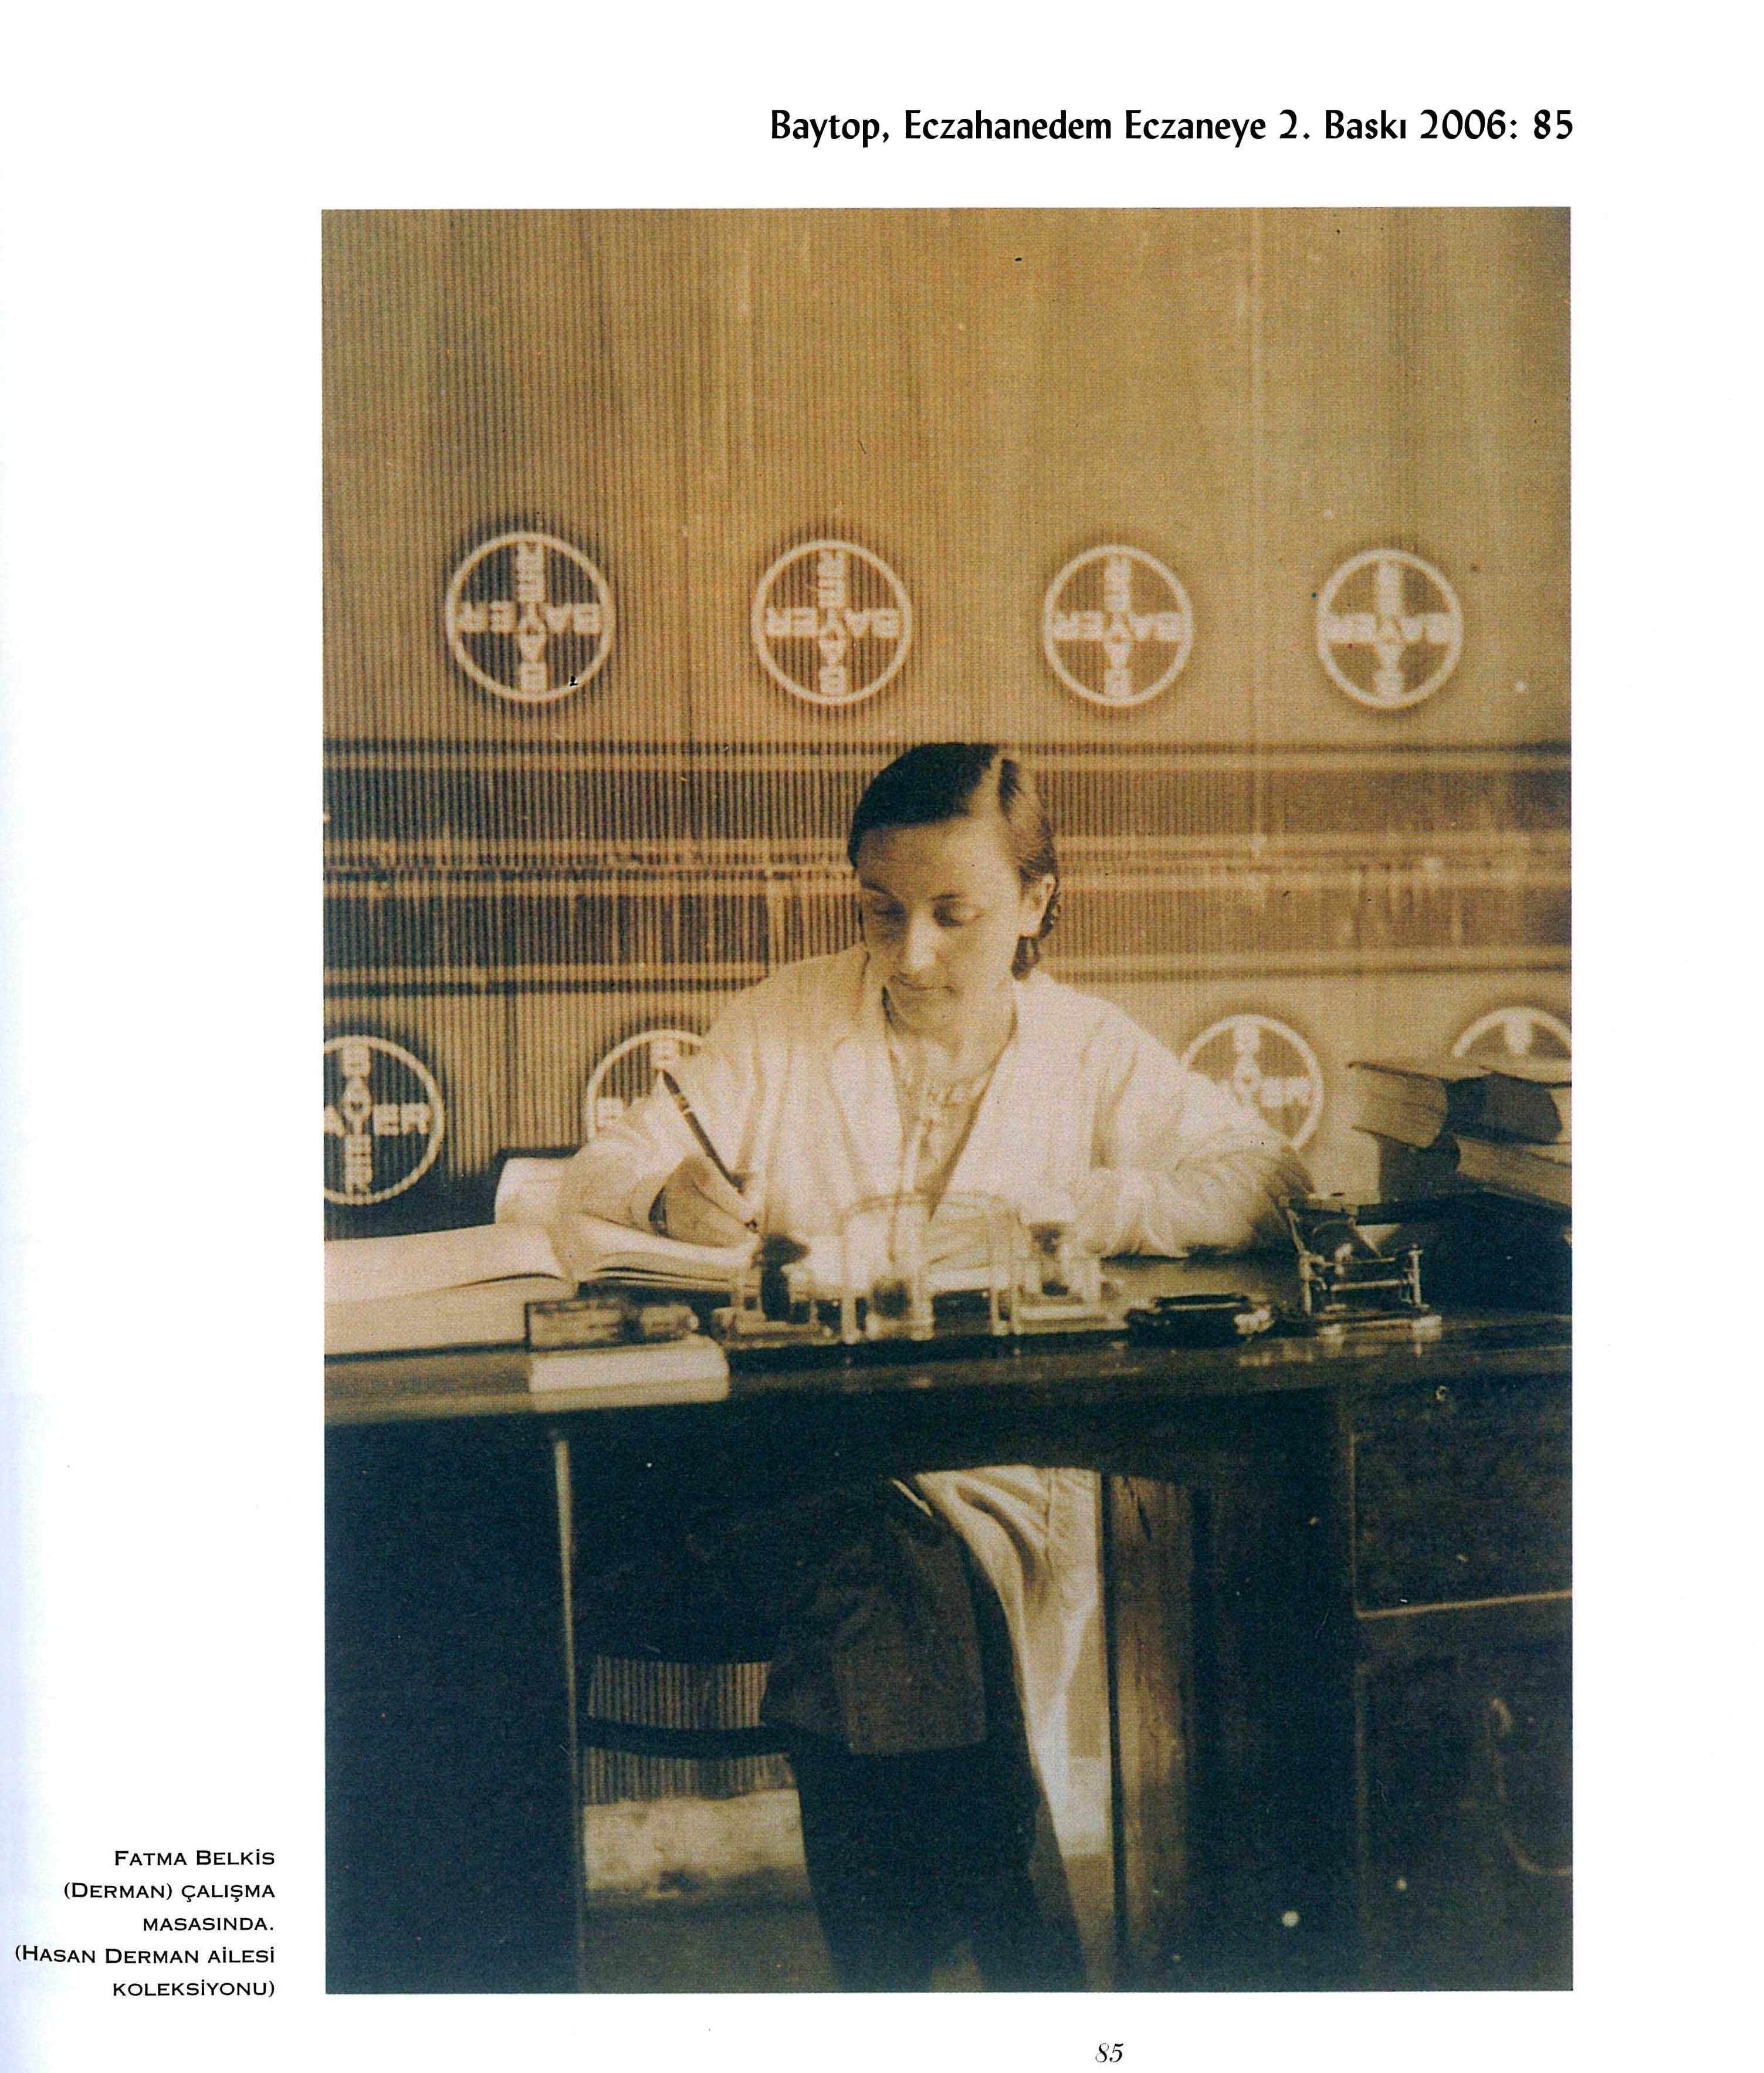 Bir öncü EKL'li: ilk eczane açan kadın eczacı Fatma Belkıs Derman (1906-1958)